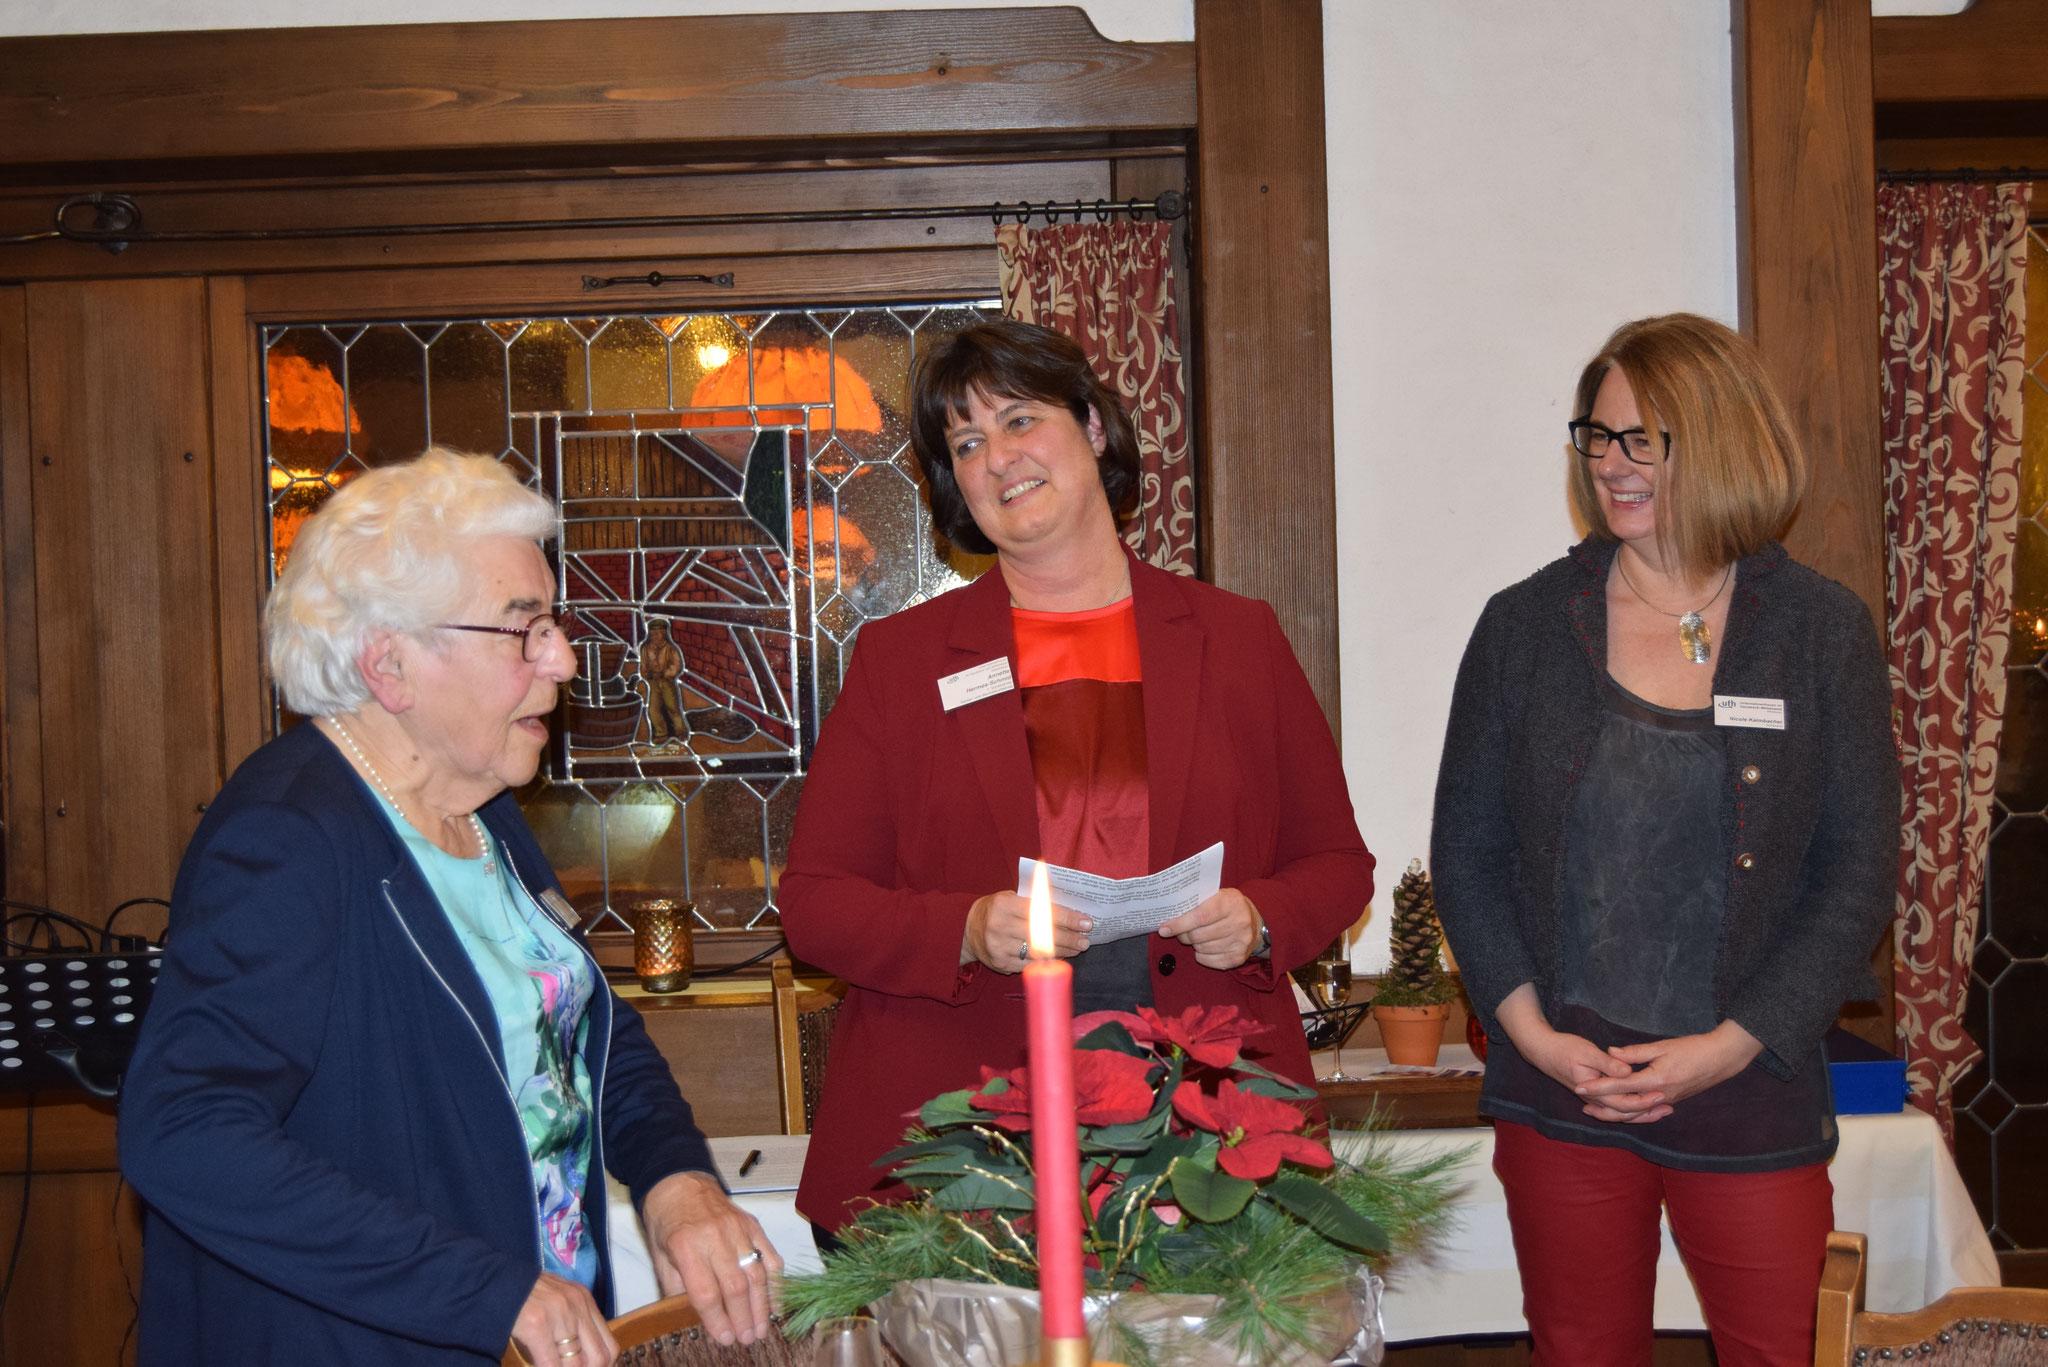 12-2019 Weihnachtsfeier mit Ehrung von Frau Bastian für 35 Jahre Mitgliedschaft